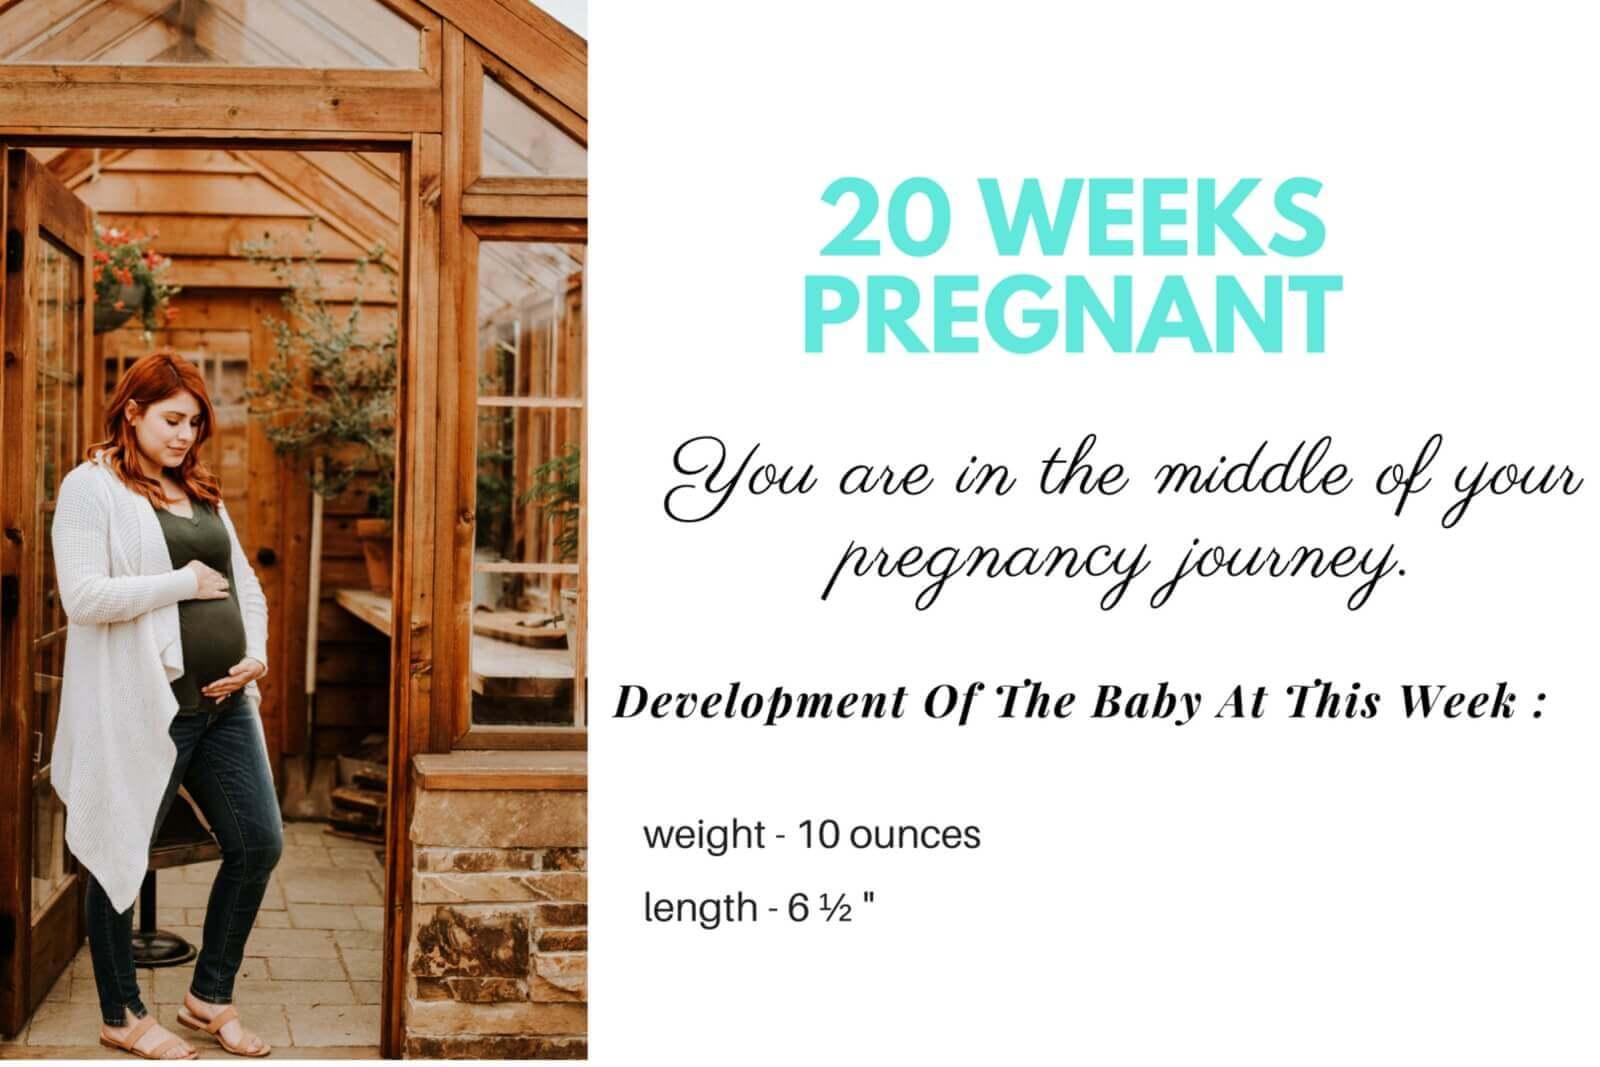 20-Weeks-Pregnant-Hero-Image